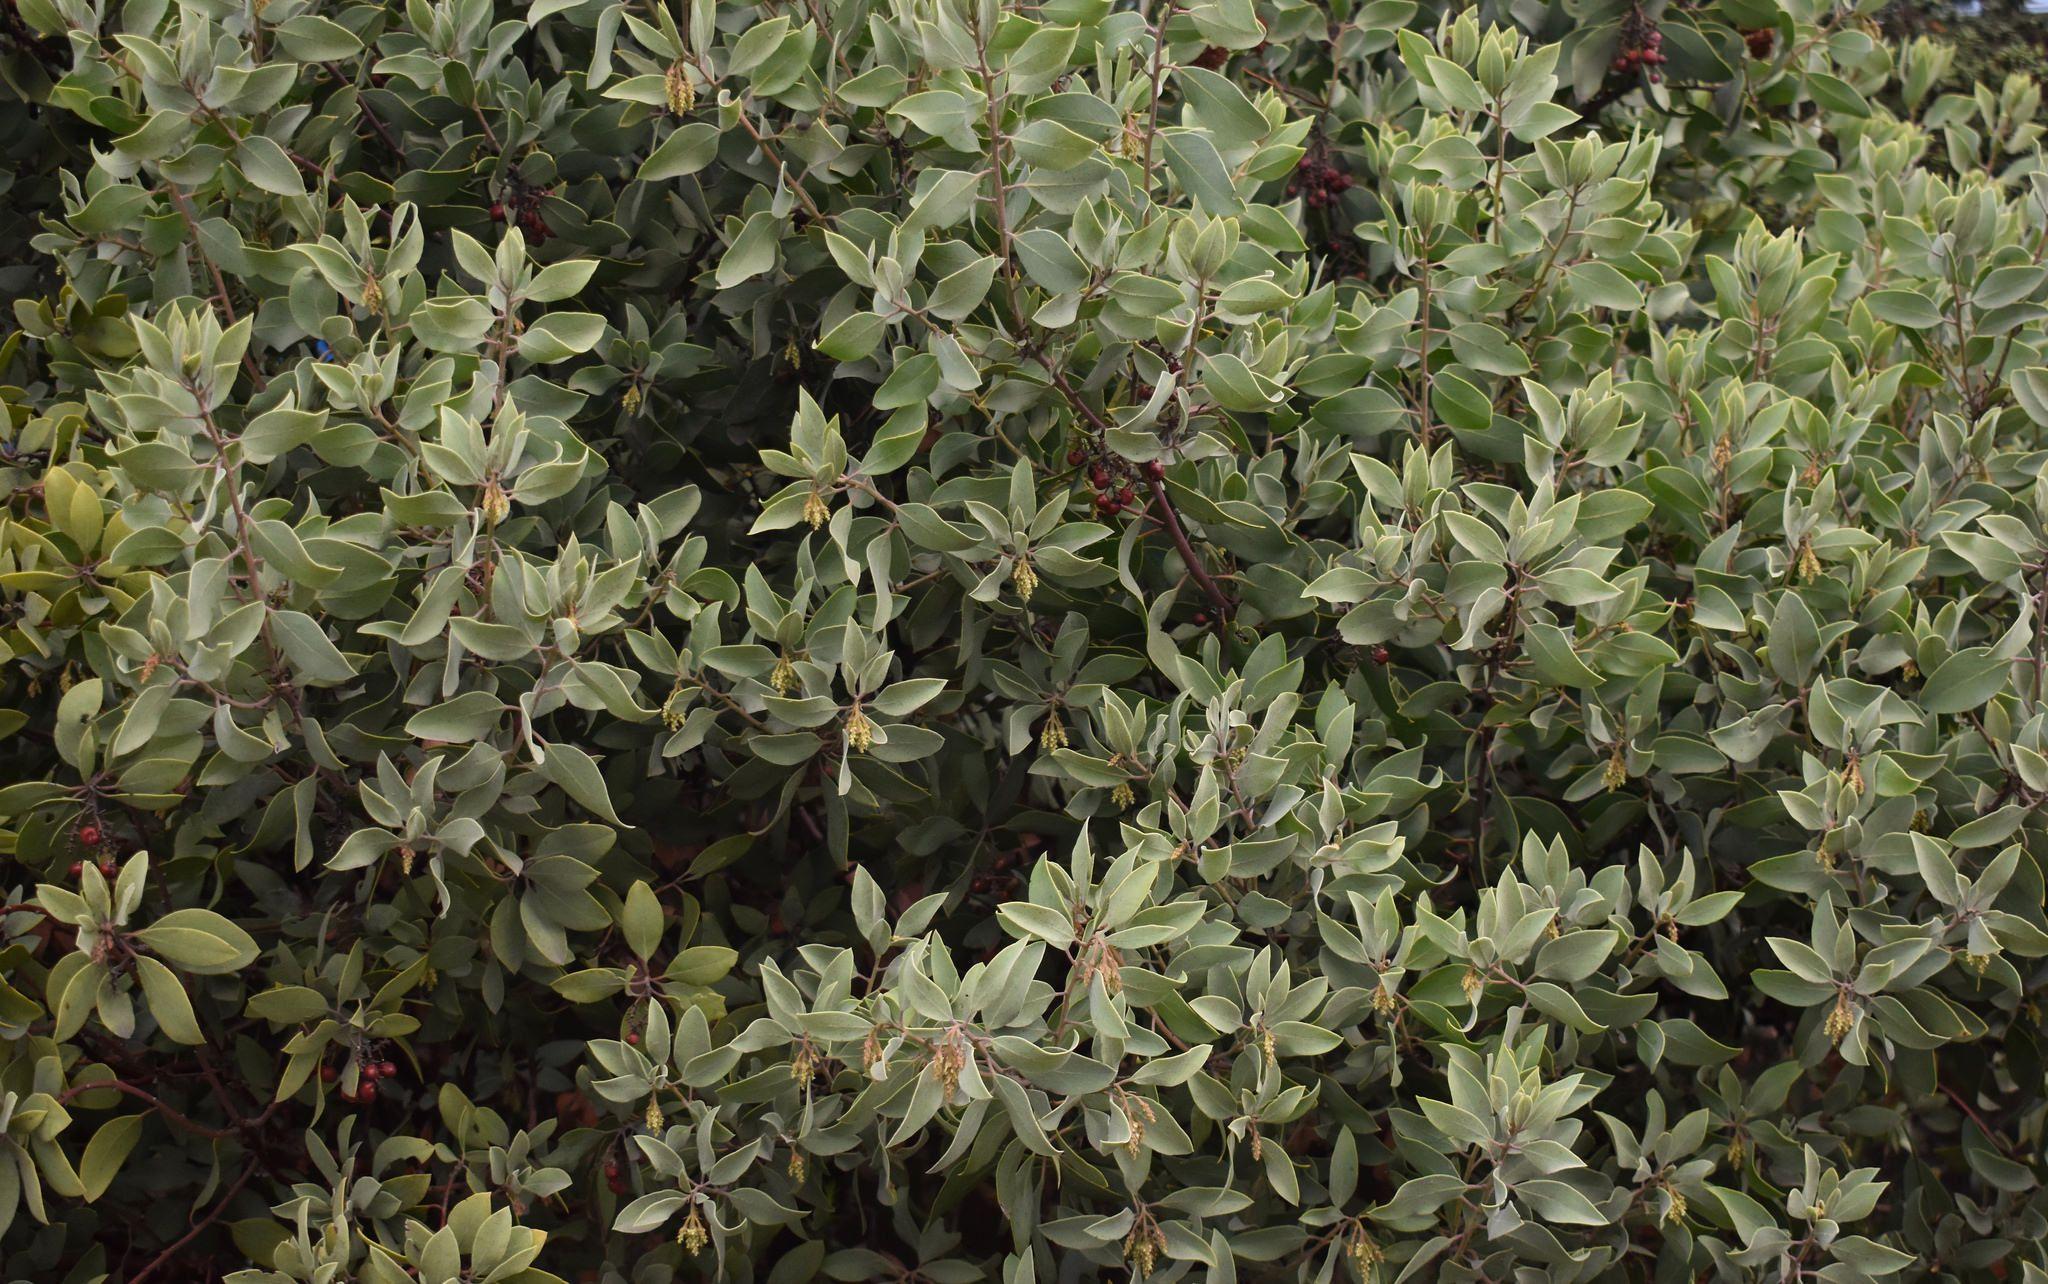 Arctostaphylos manzanita 'Mount St. Helena' Mount St